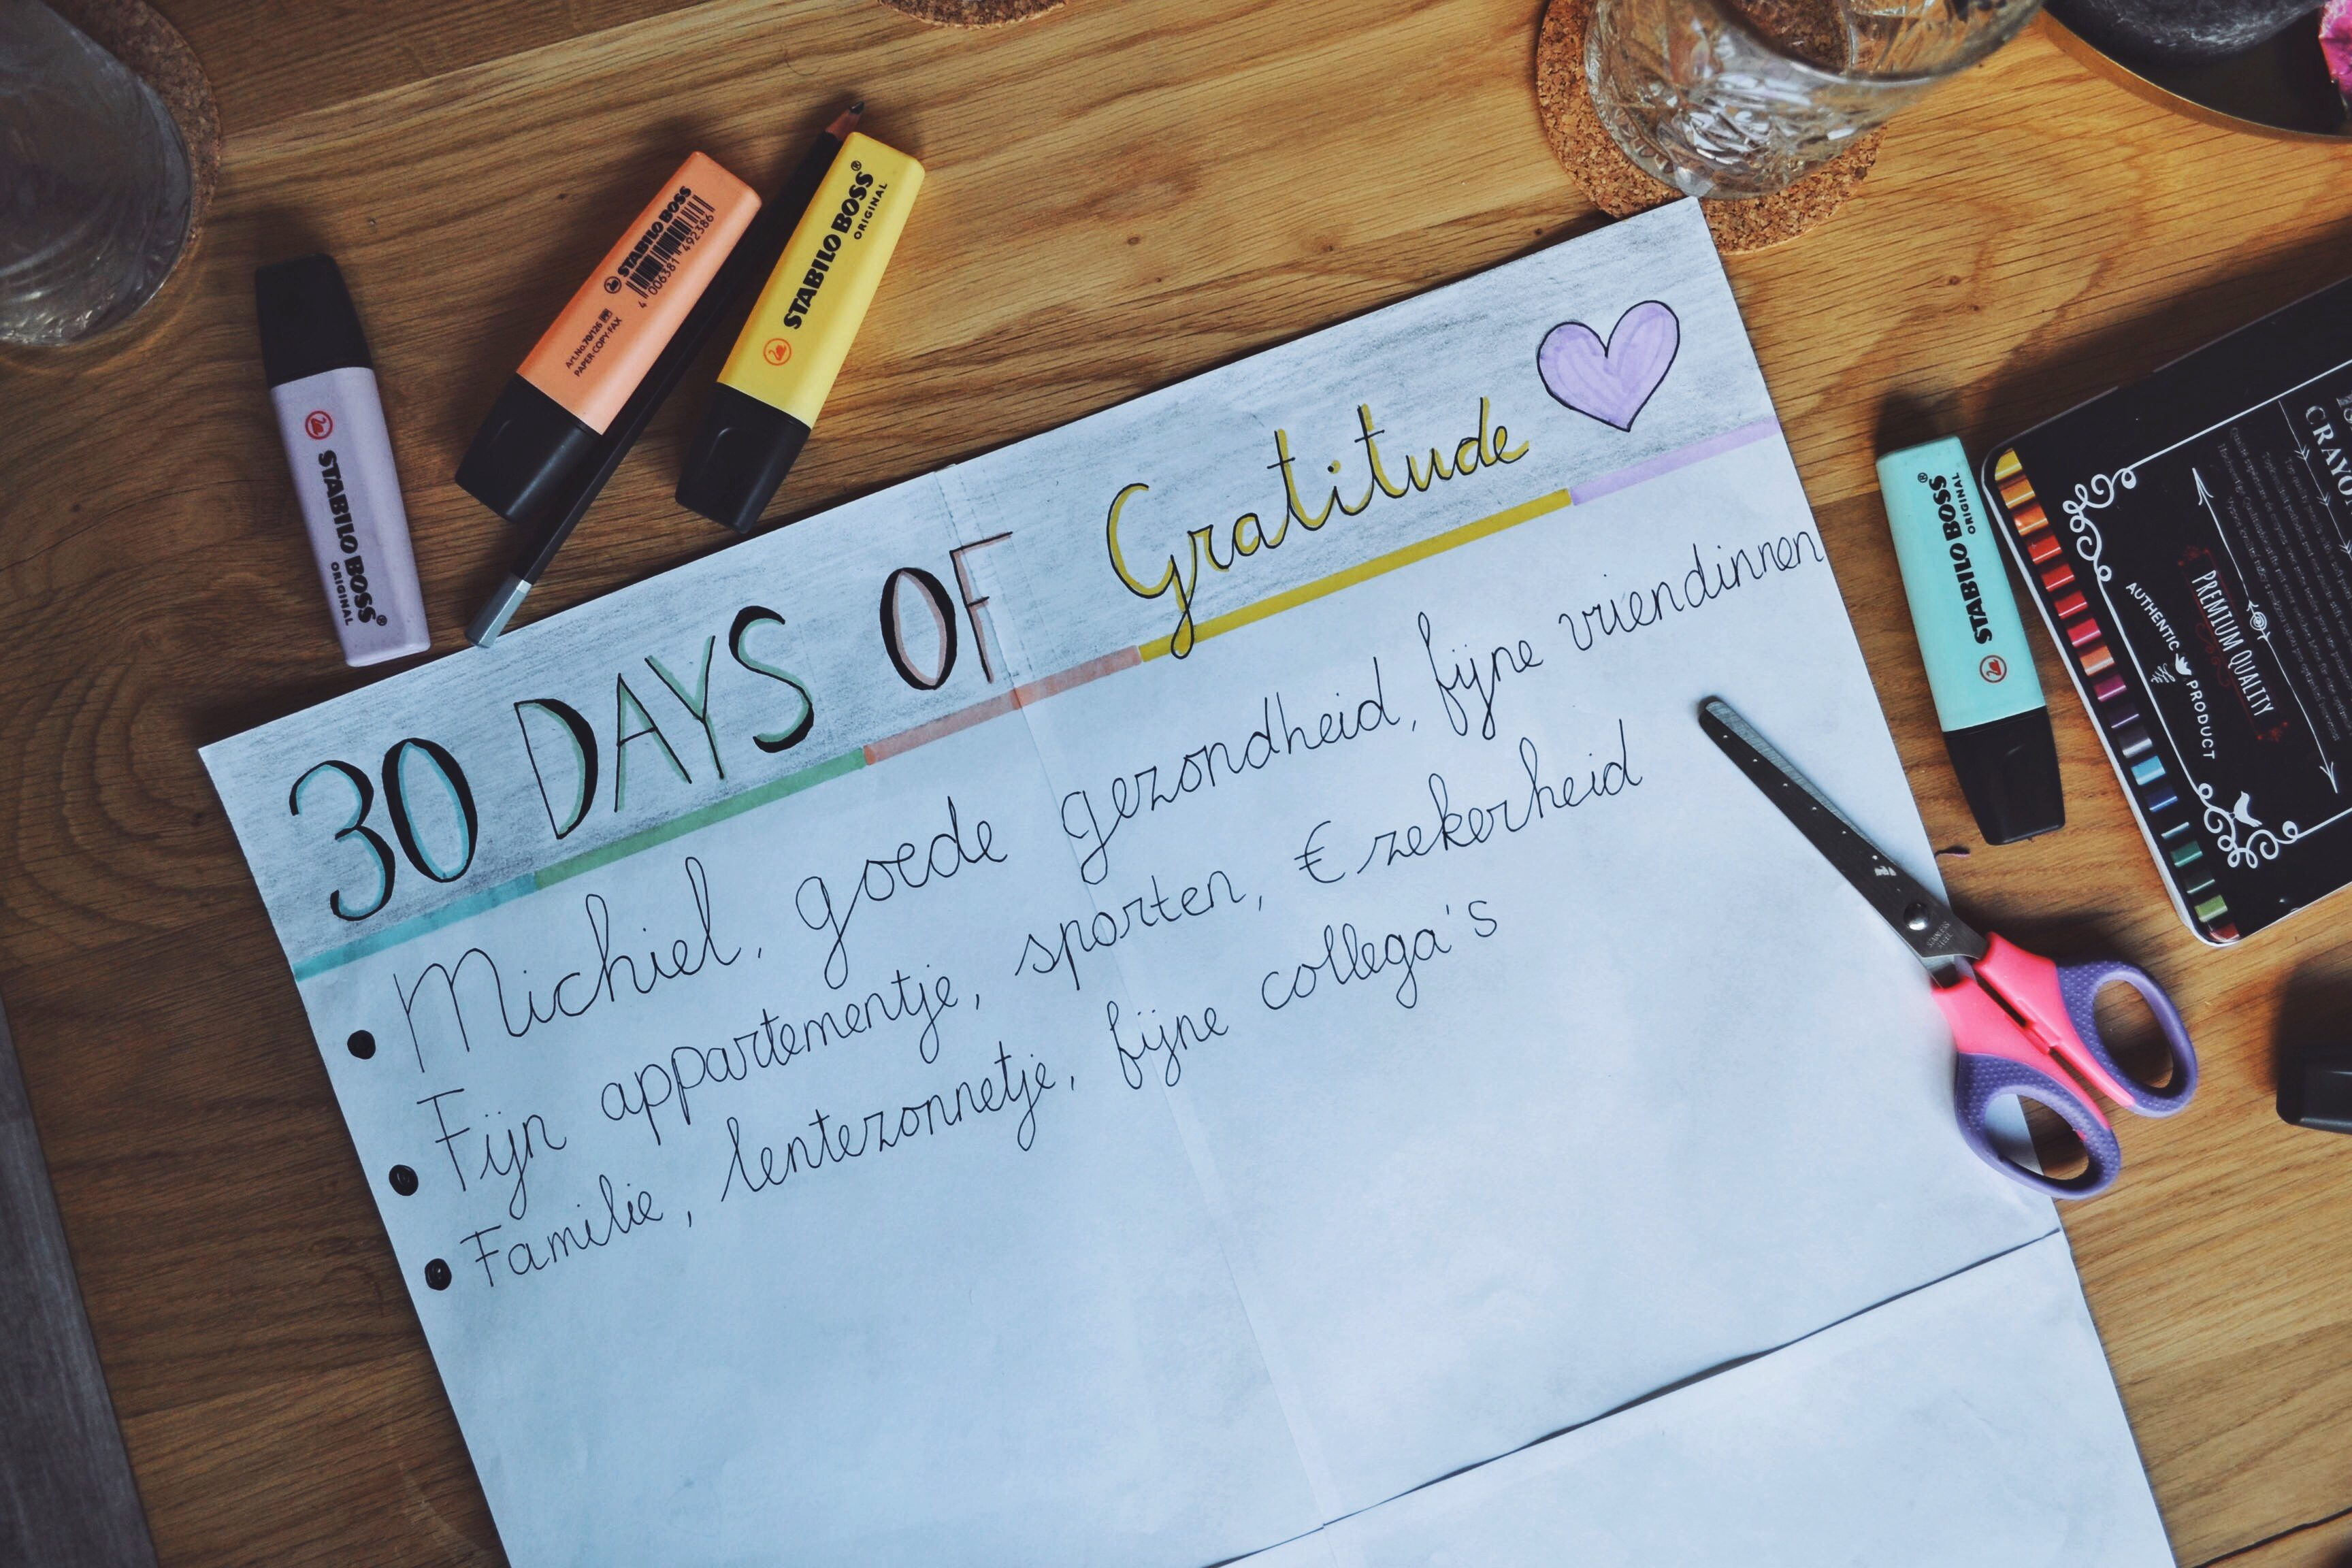 Persoonlijke update + '30 days of gratitude'.